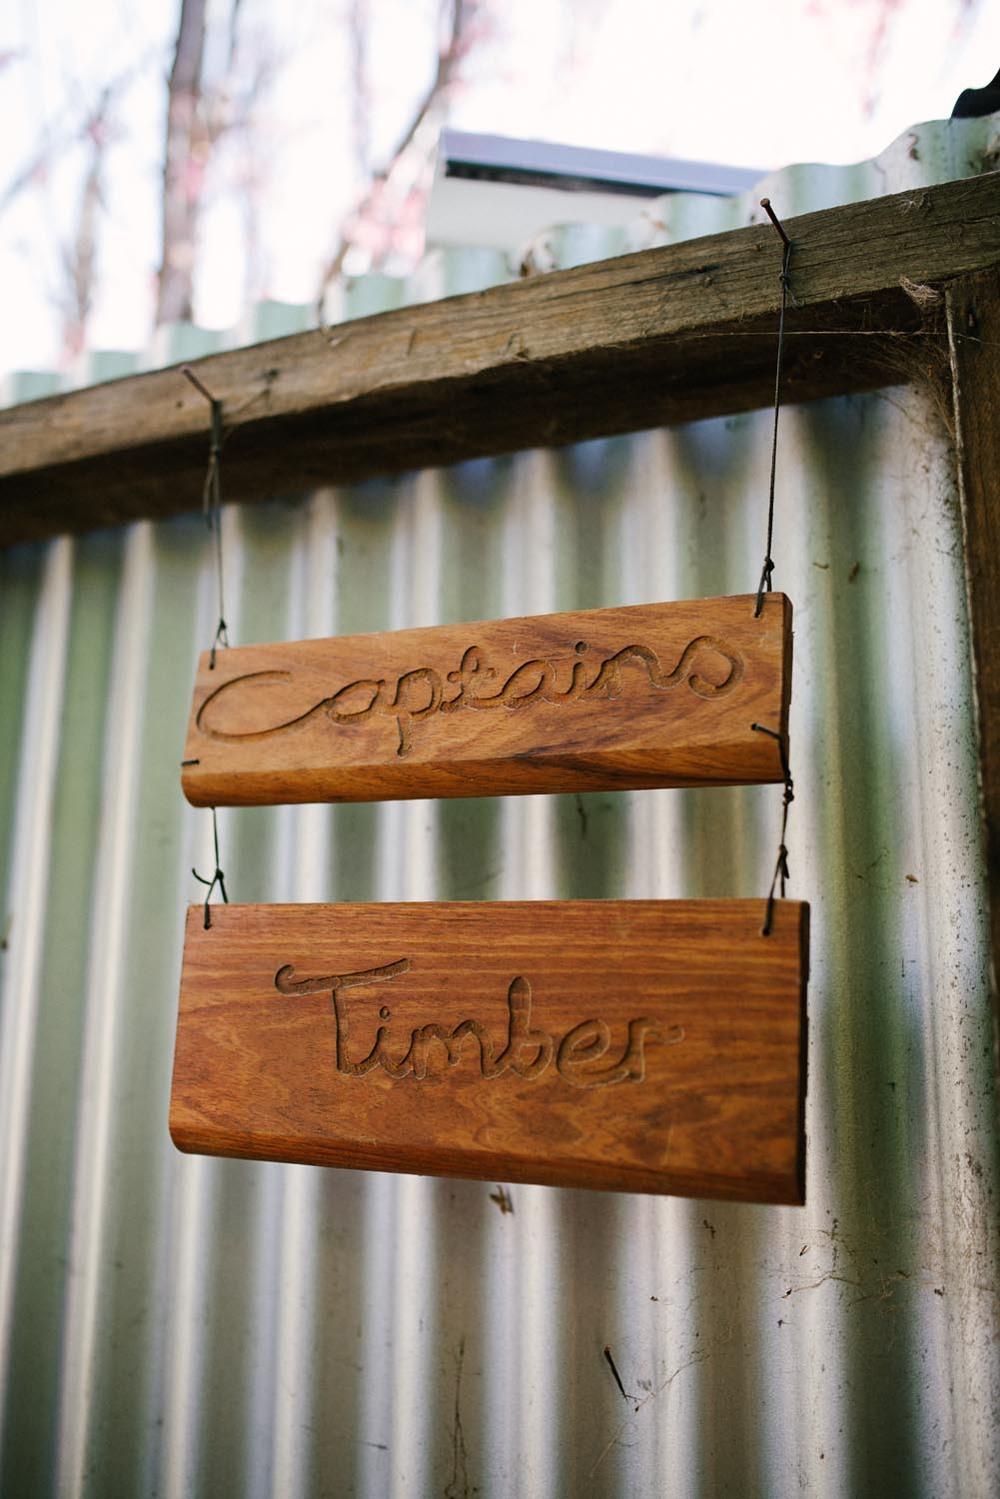 Captains_Timber_AnjieBlairPhotography_02.jpg